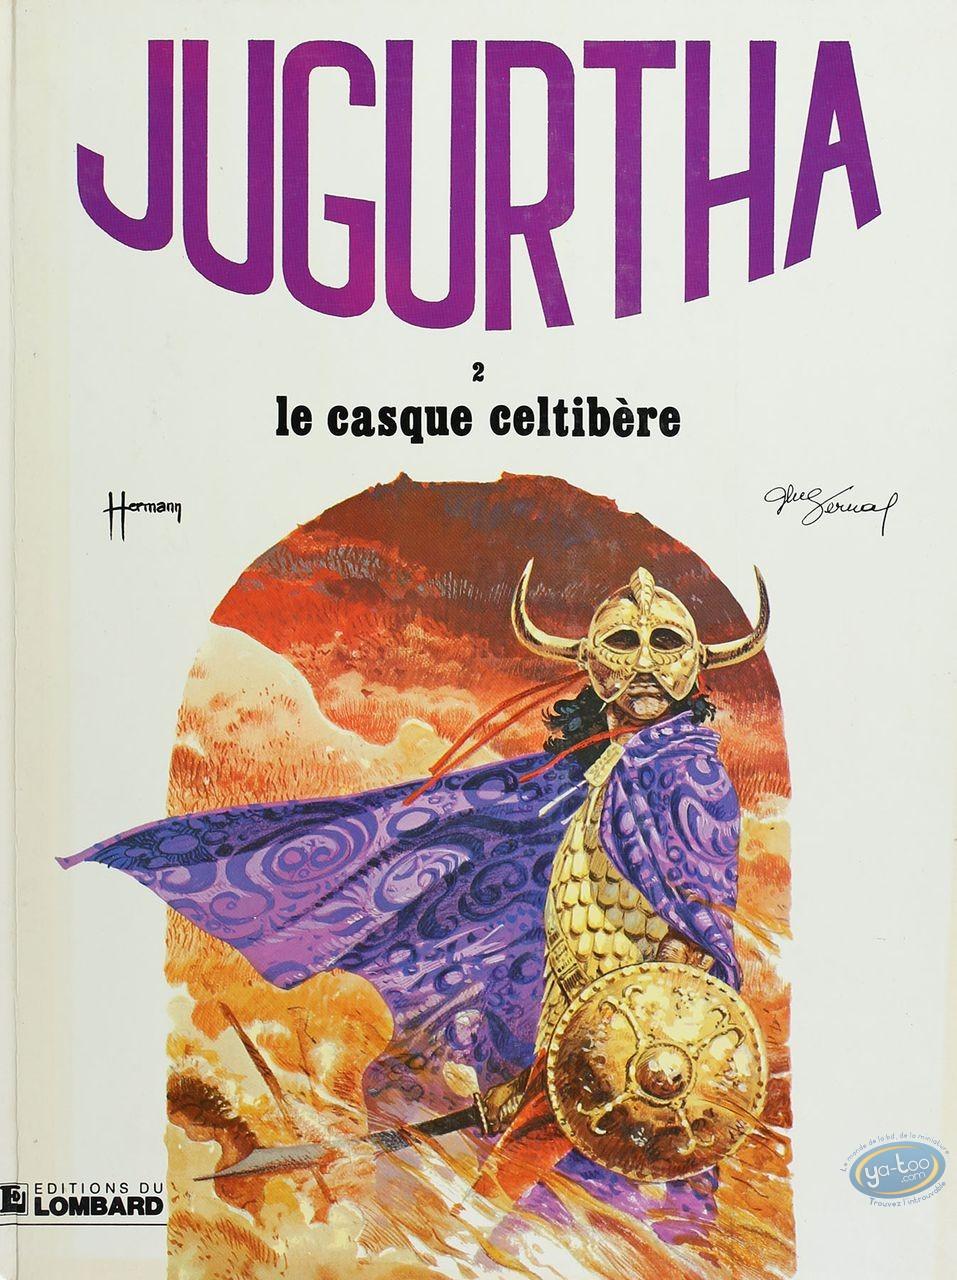 BD cotée, Jugurtha : Le casque celtibère